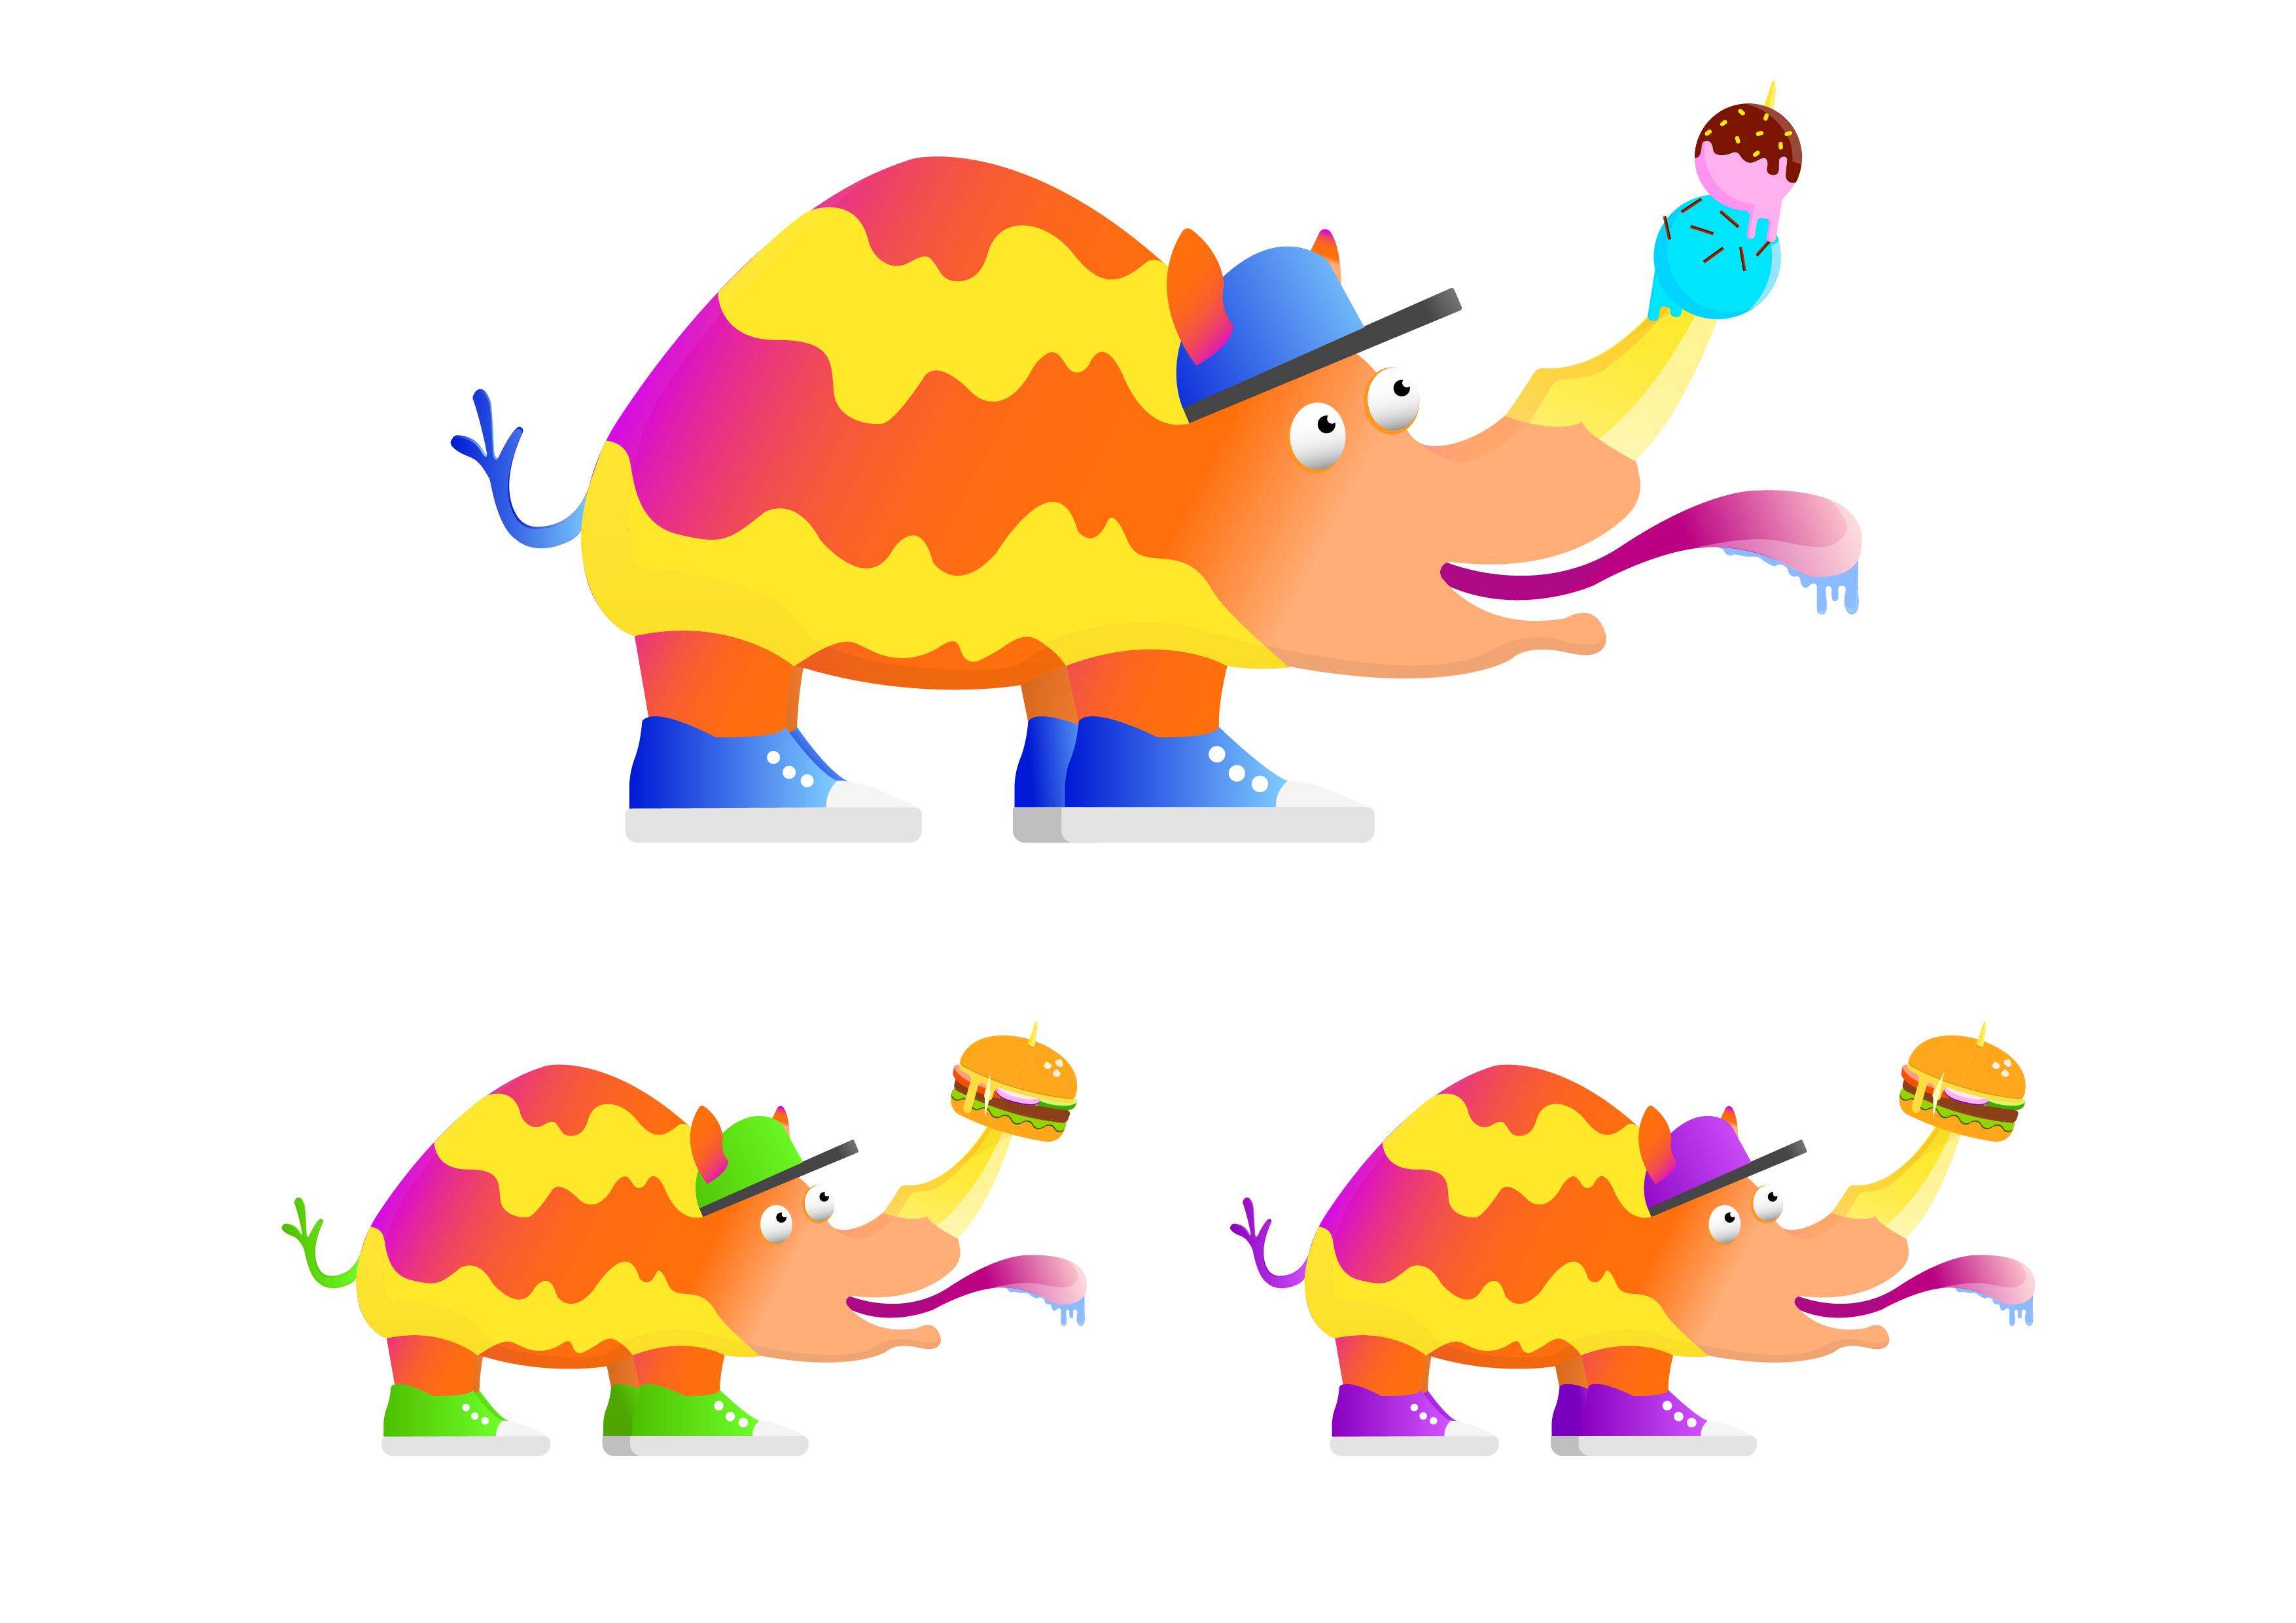 Разработать логотип и персонажа для кафе фото f_4595958d97249659.jpg